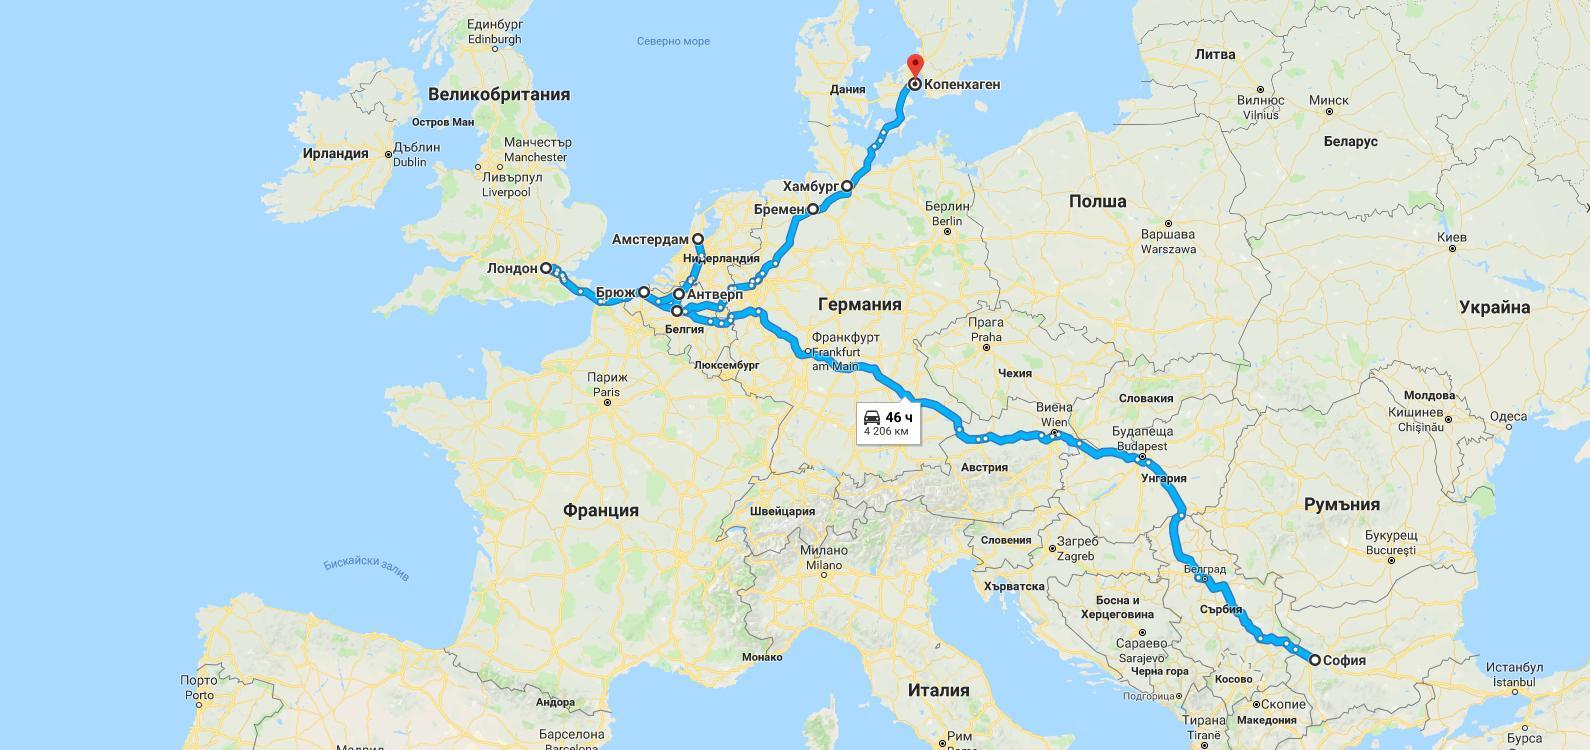 Екскурзия до Лондон, Копенхаген, Амстердам, Бремен и Хамбург 12.07.2019